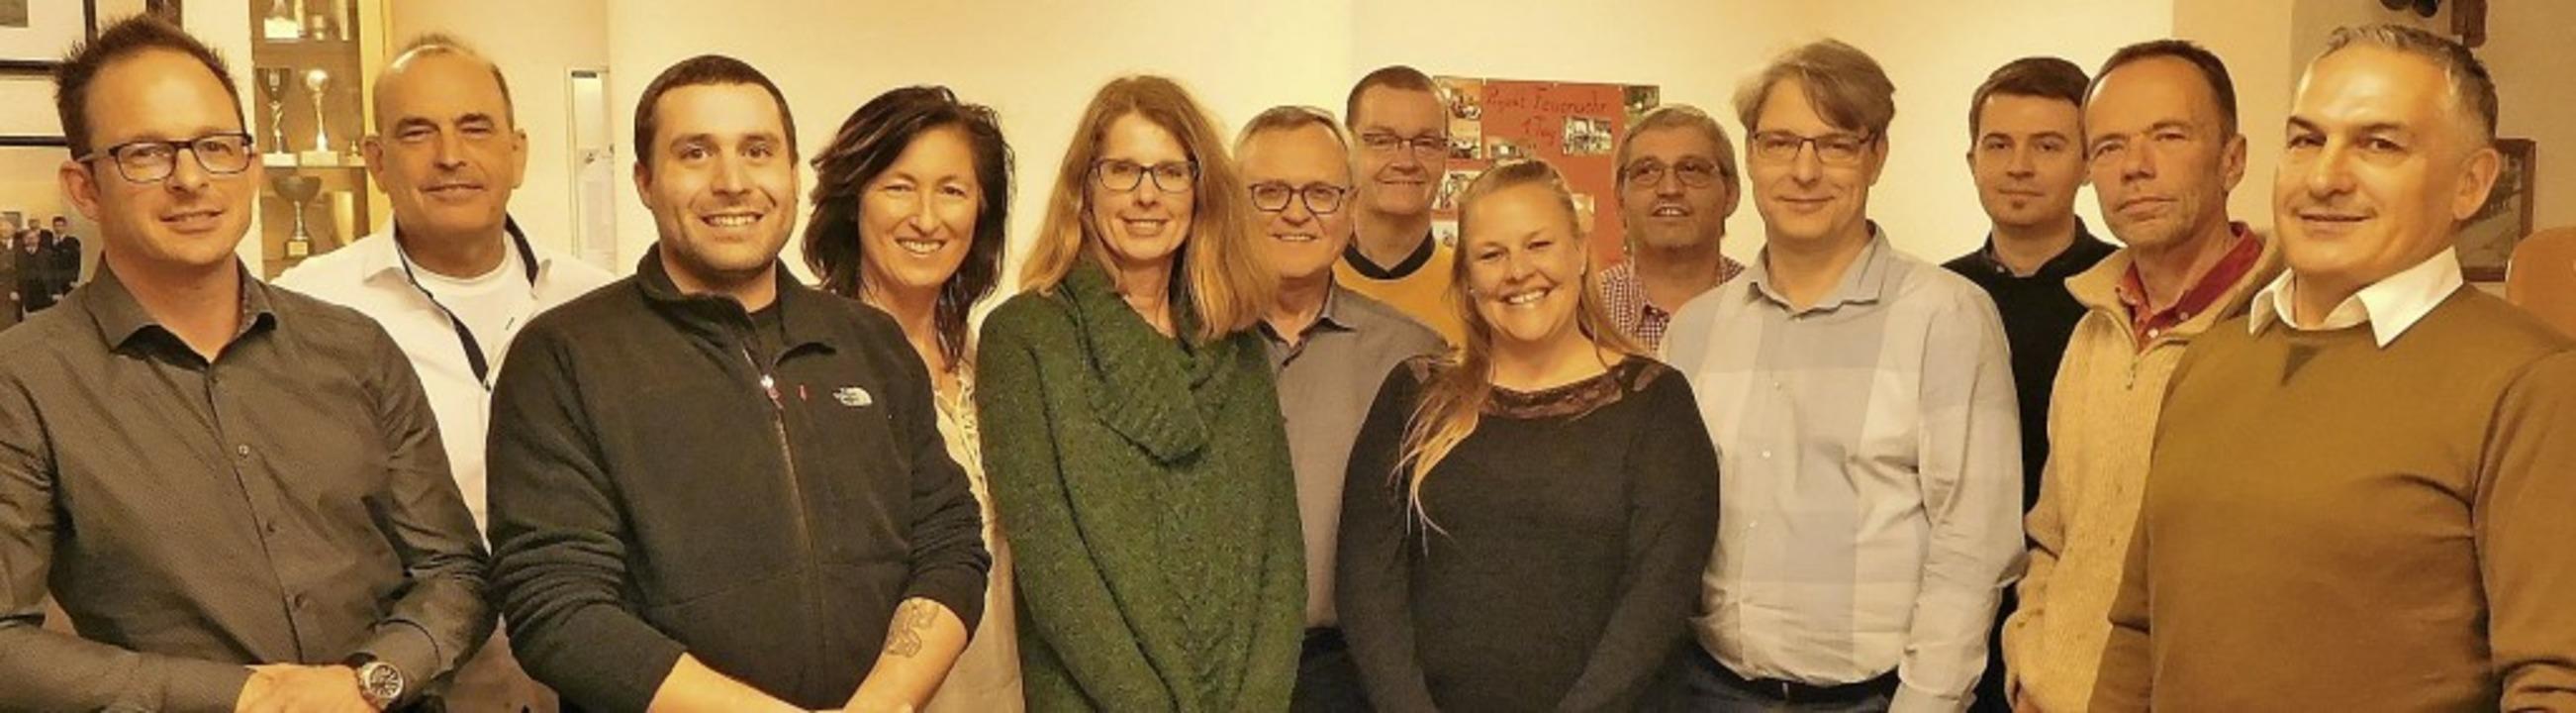 13 der 14 Kandidaten für den Wittlinge...an Alaca. Es fehlt Renate Zimmermann.     Foto: Privat